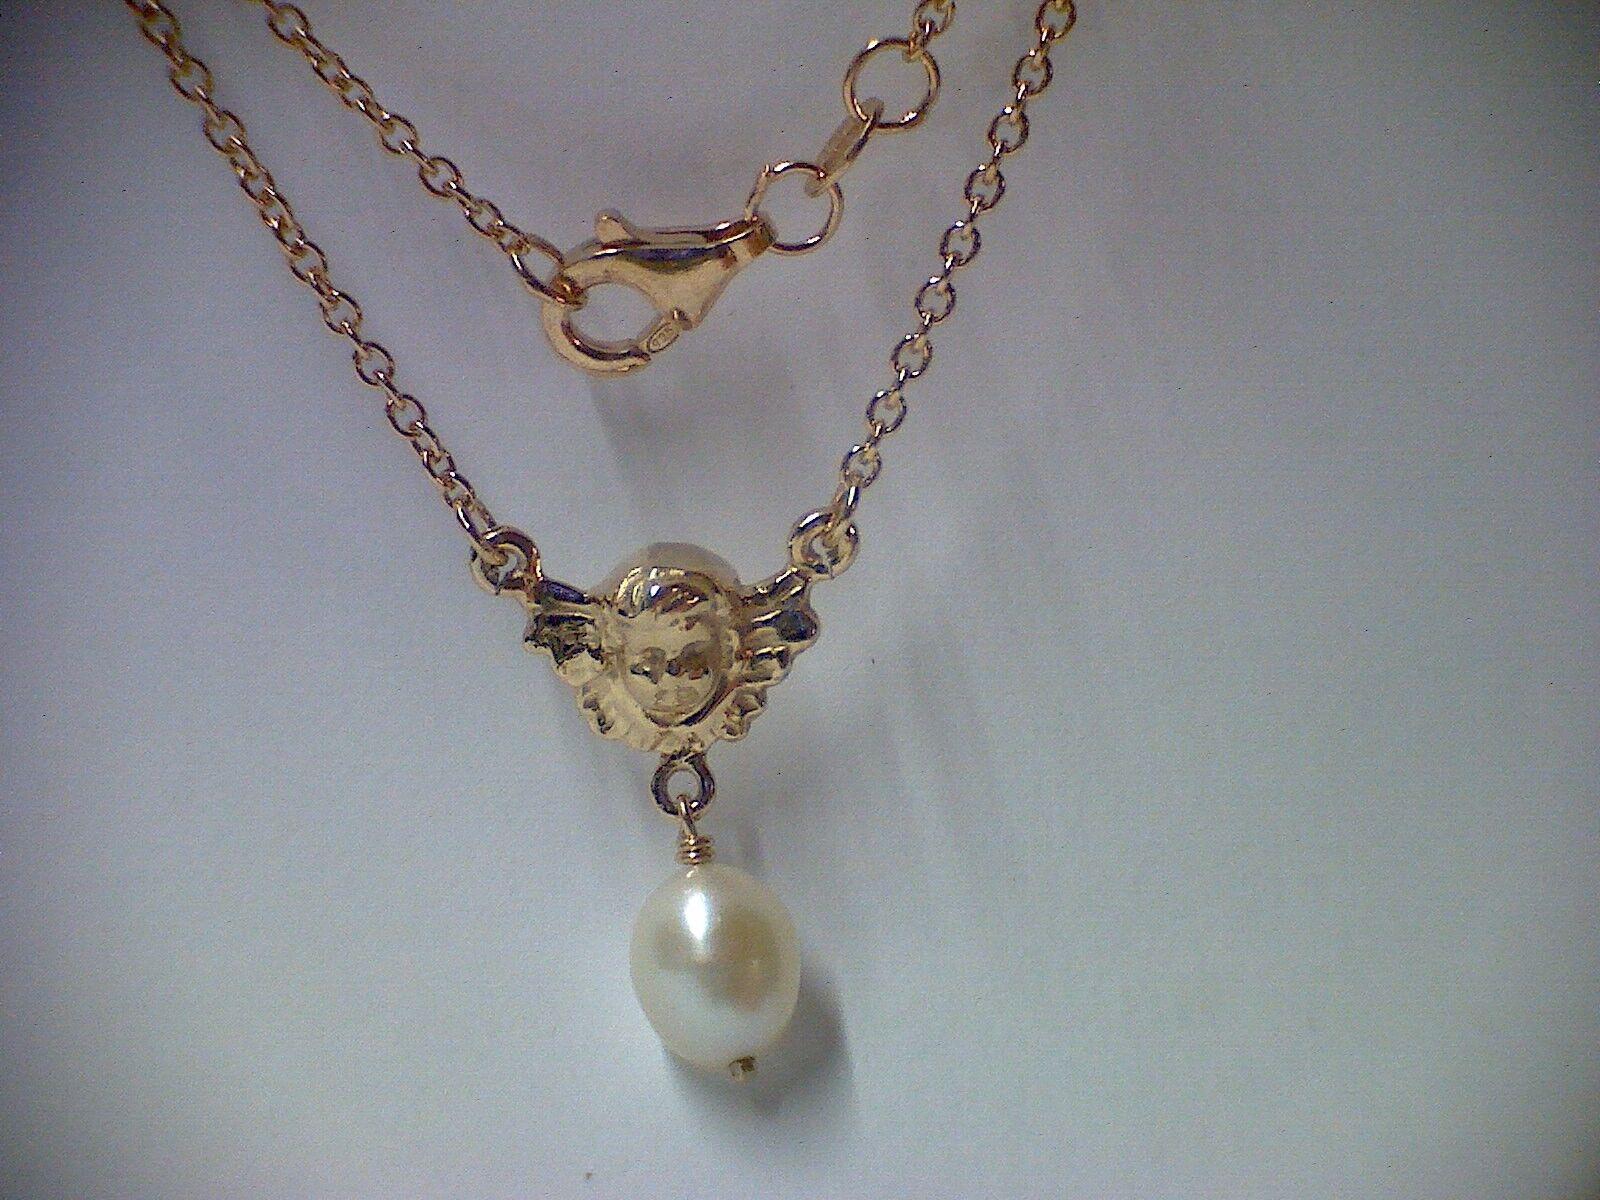 Kette Collier Schutzengel mit Perle silver 925 vergoldet